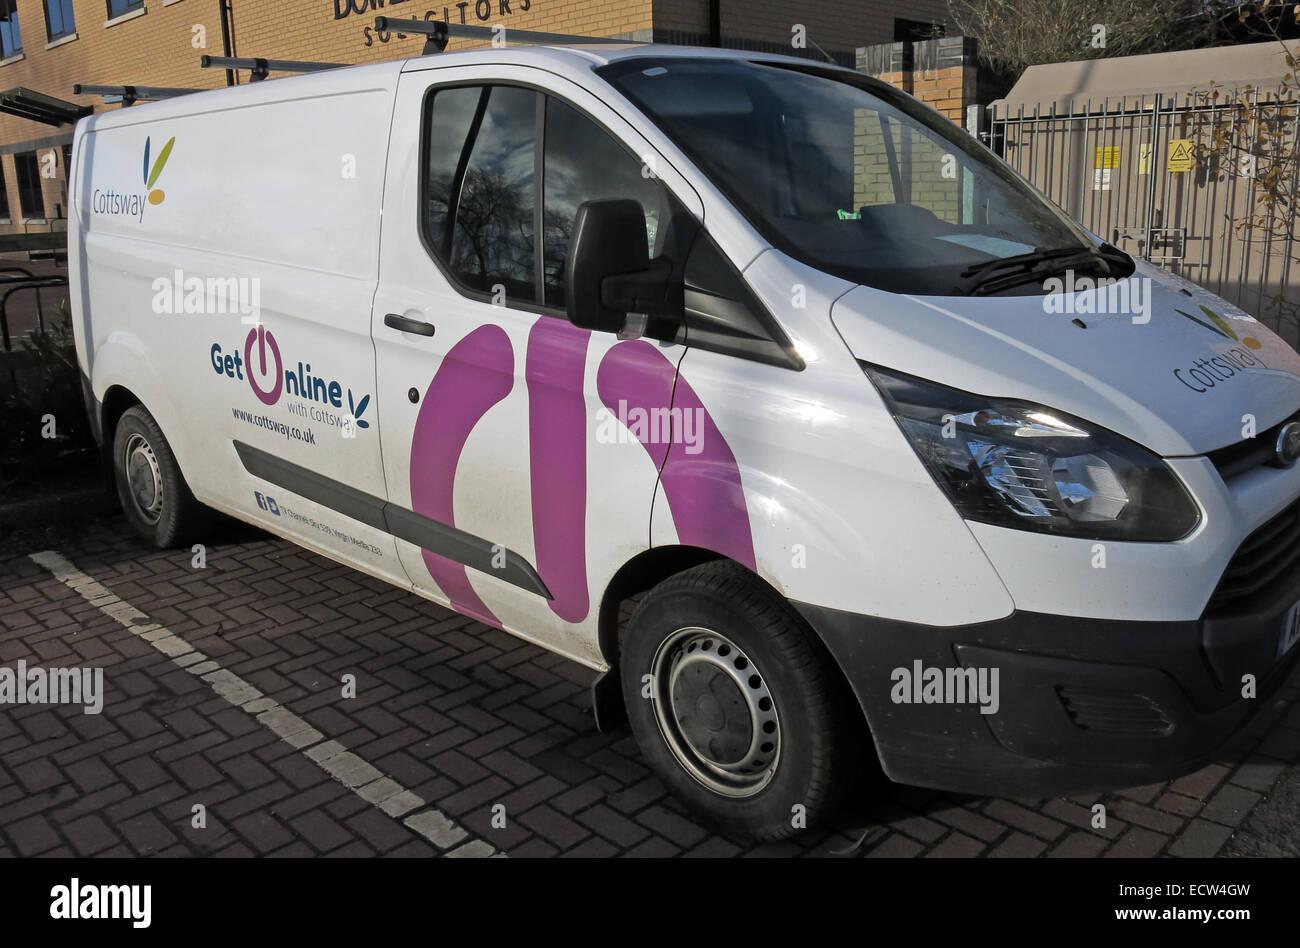 Laden Sie dieses Alamy Stockfoto Cottsway Wohnungsbaugesellschaft Van, Witney, West Oxfordshire, England, Vereinigtes Königreich - ECW4GW